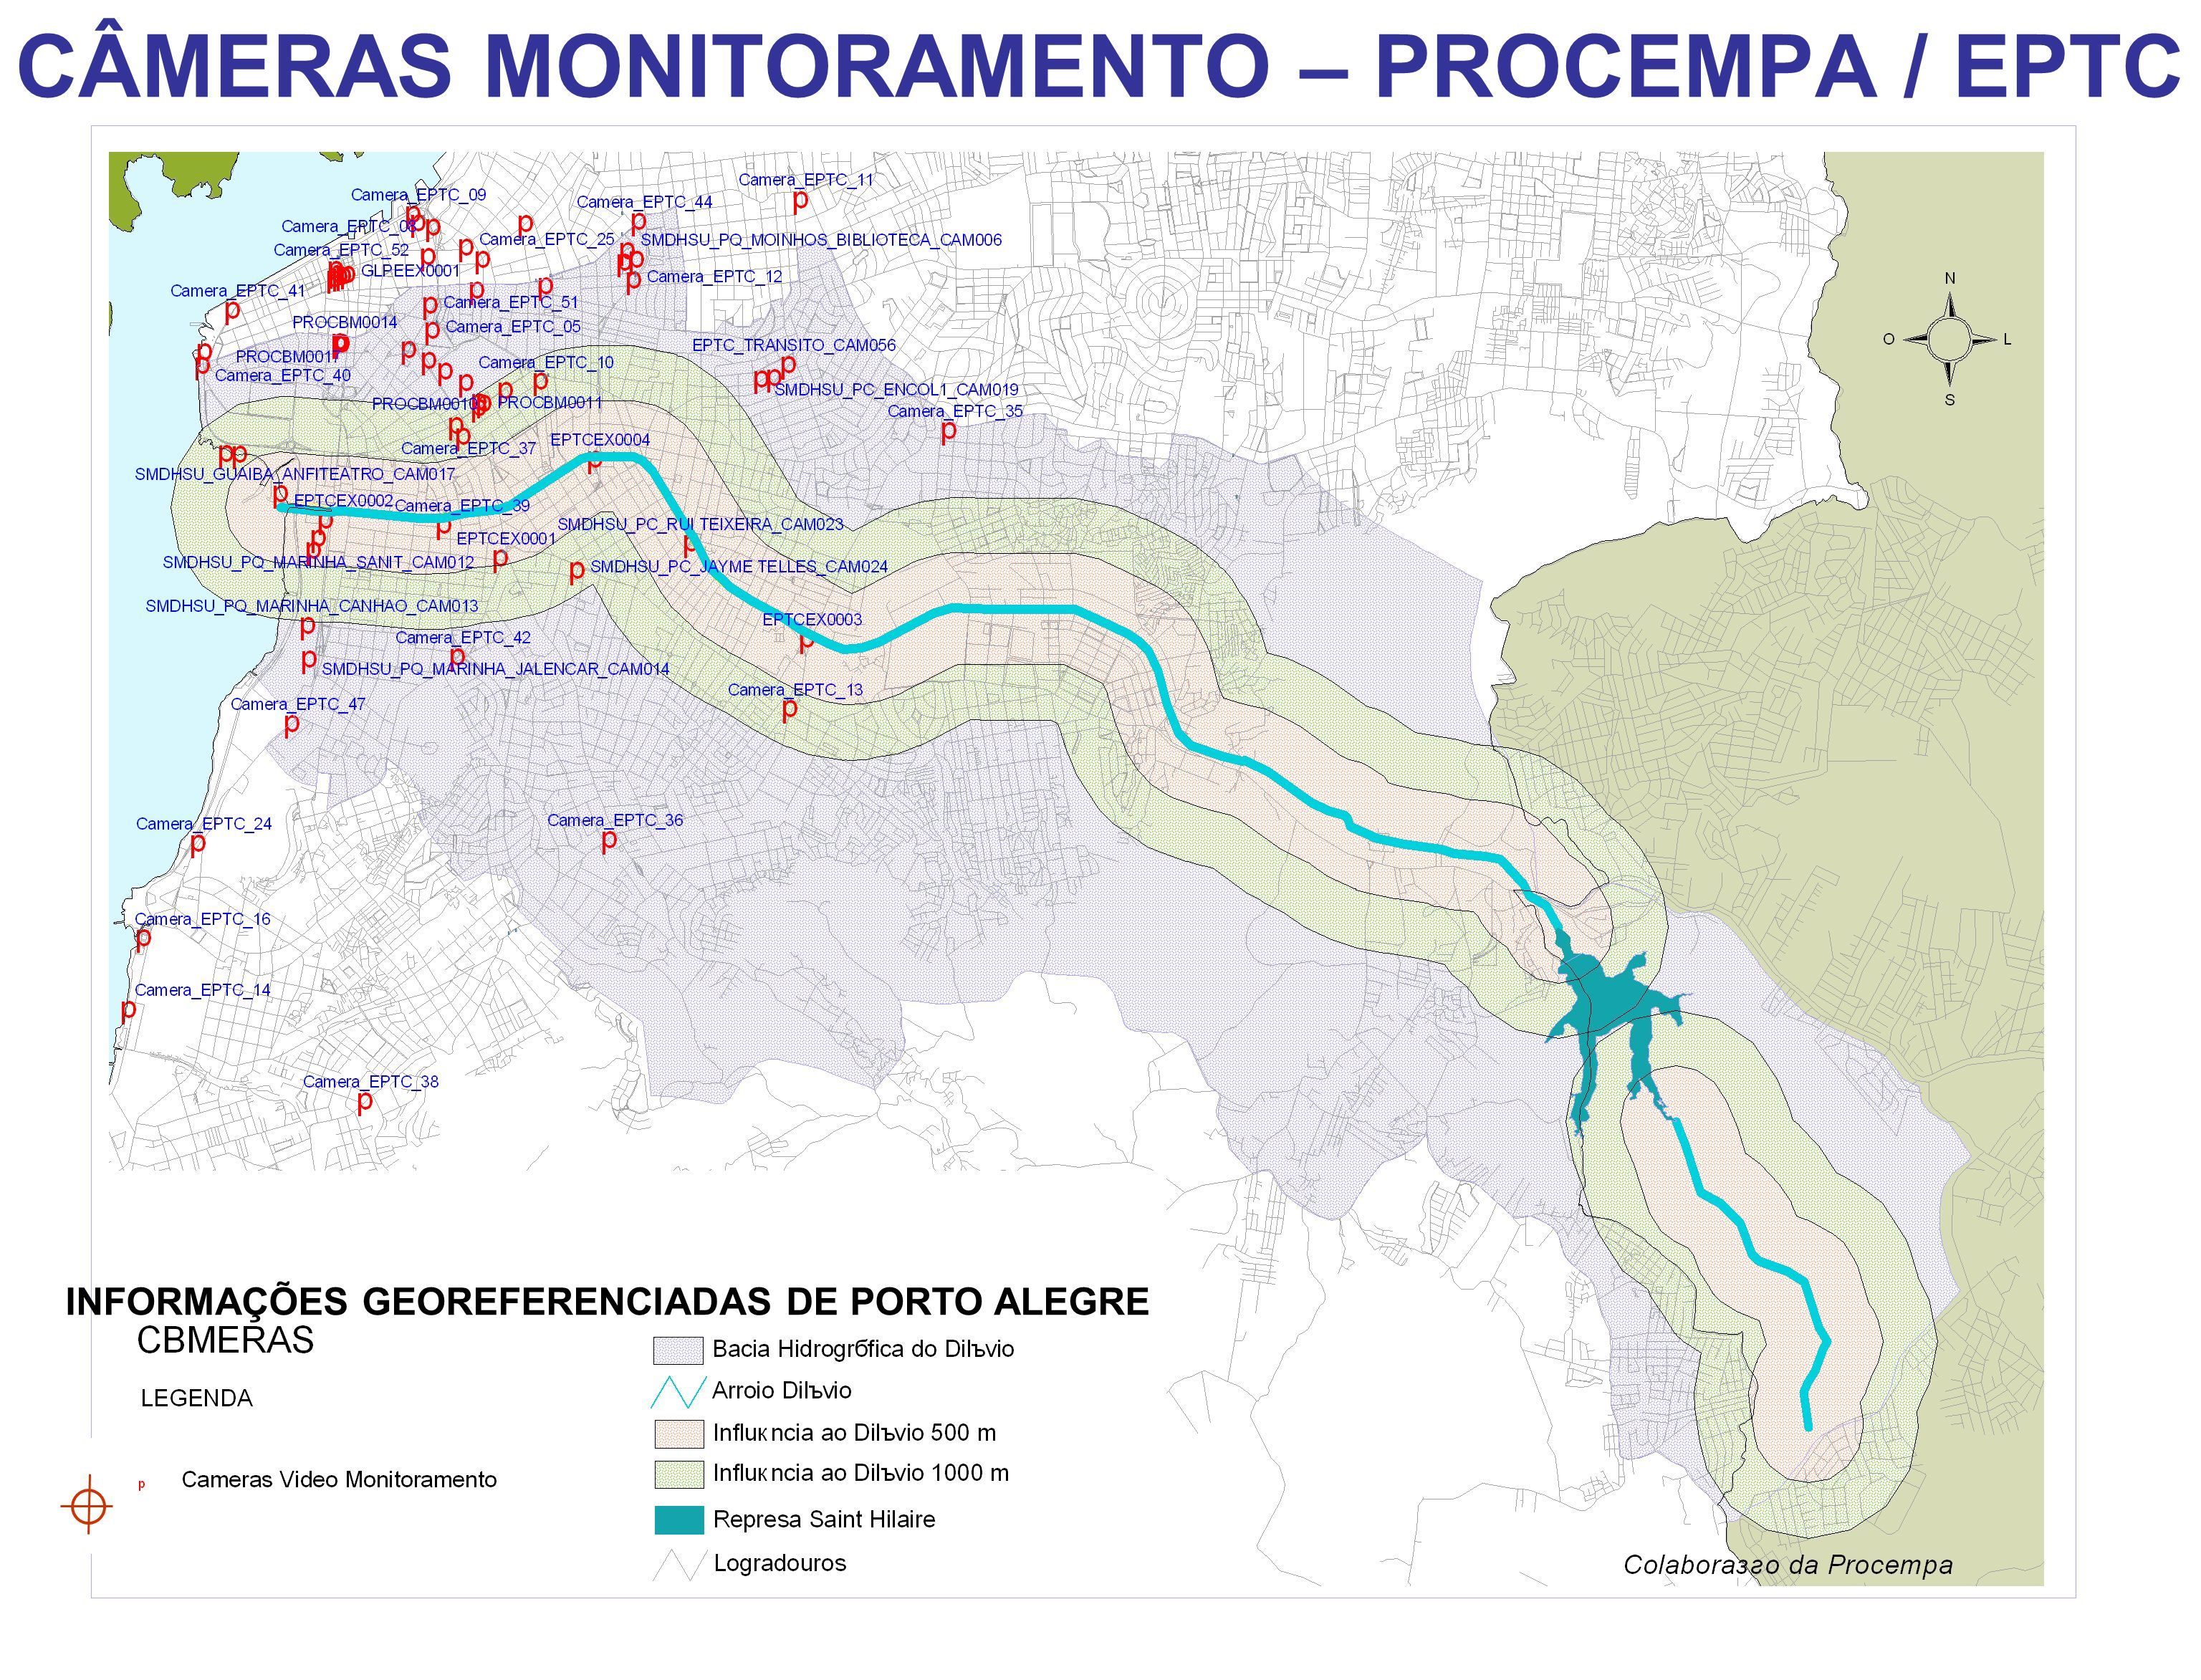 CÂMERAS MONITORAMENTO – PROCEMPA / EPTC